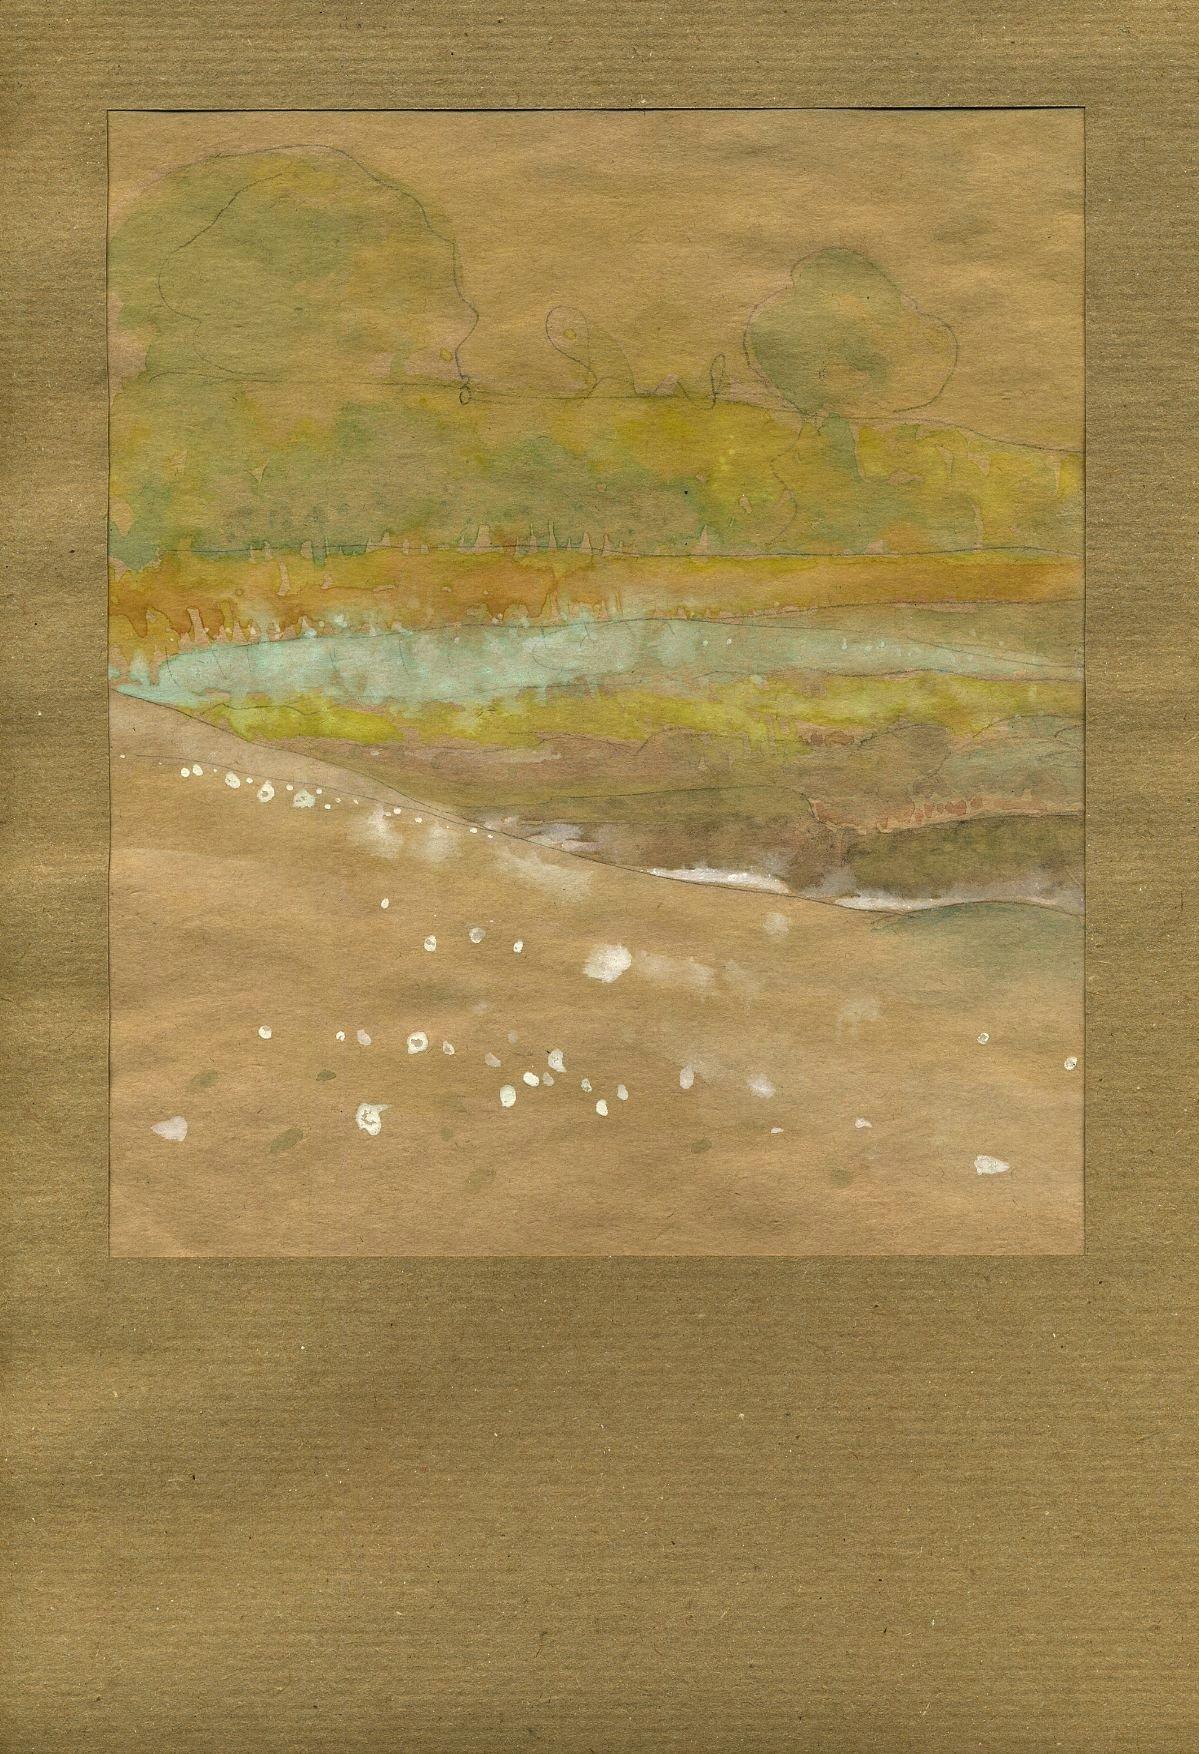 bretagnelancieuxloletalwegrejointlefrmur6septembre2009185.jpg